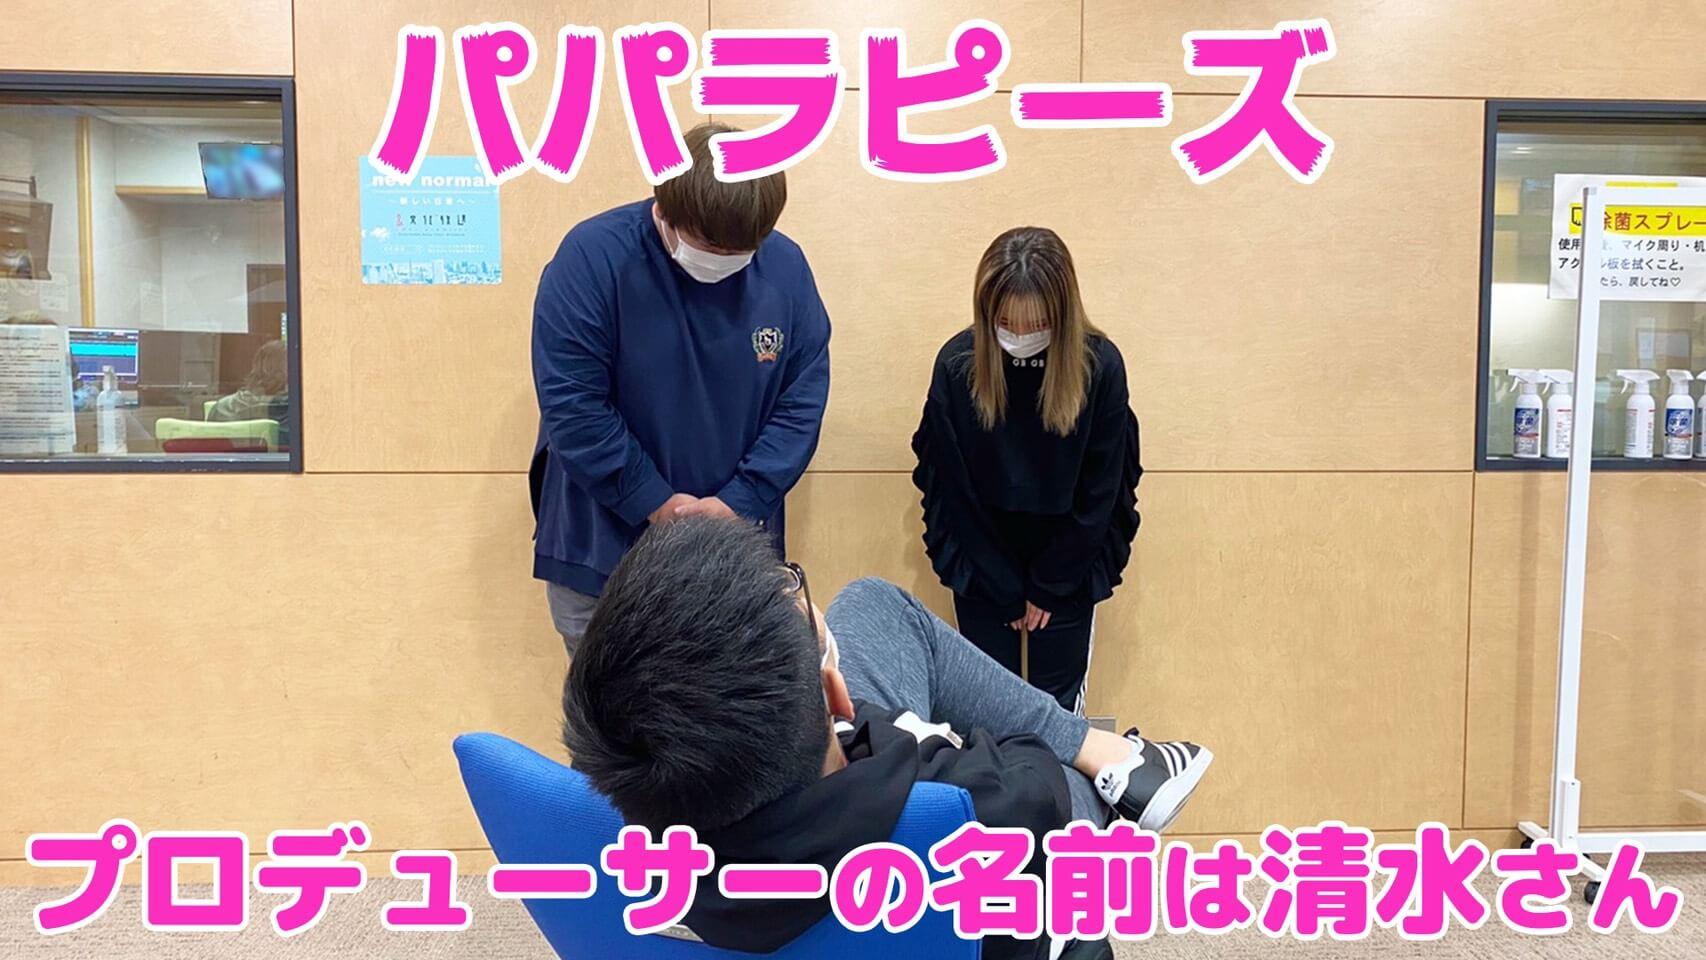 プロデューサーの名前は清水さん